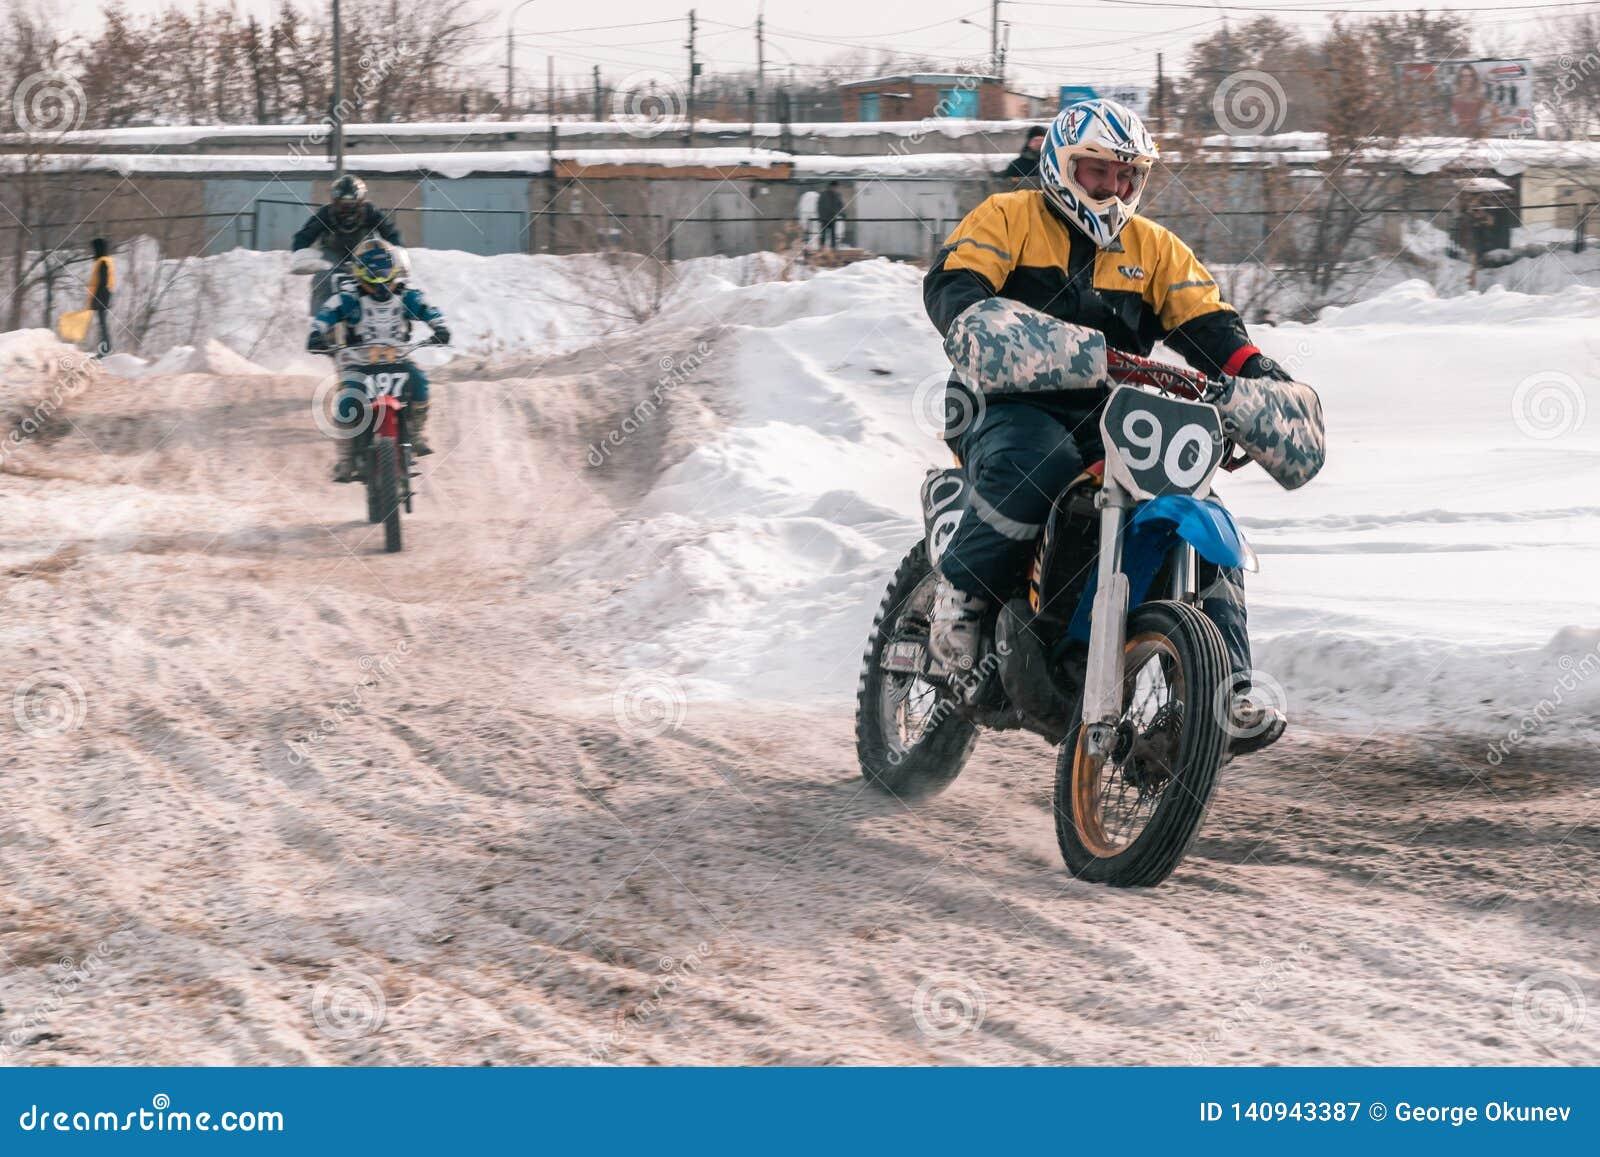 摩托车越野赛比赛在冬天在西伯利亚鄂木斯克